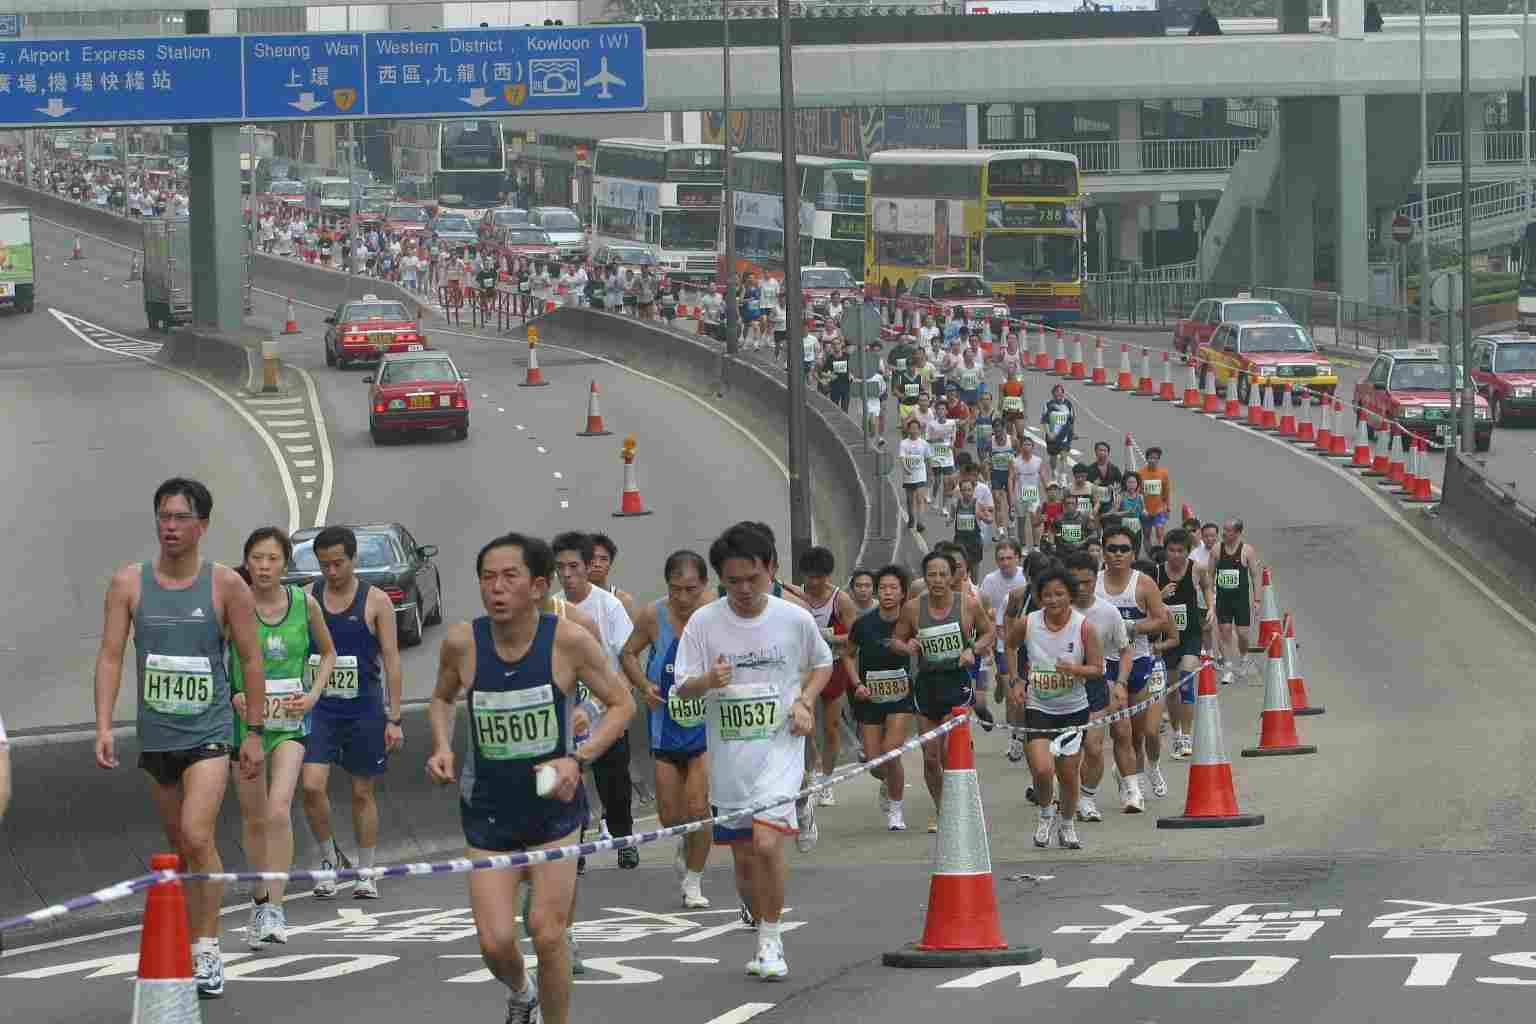 Maratón Internacional de Hong Kong 2011